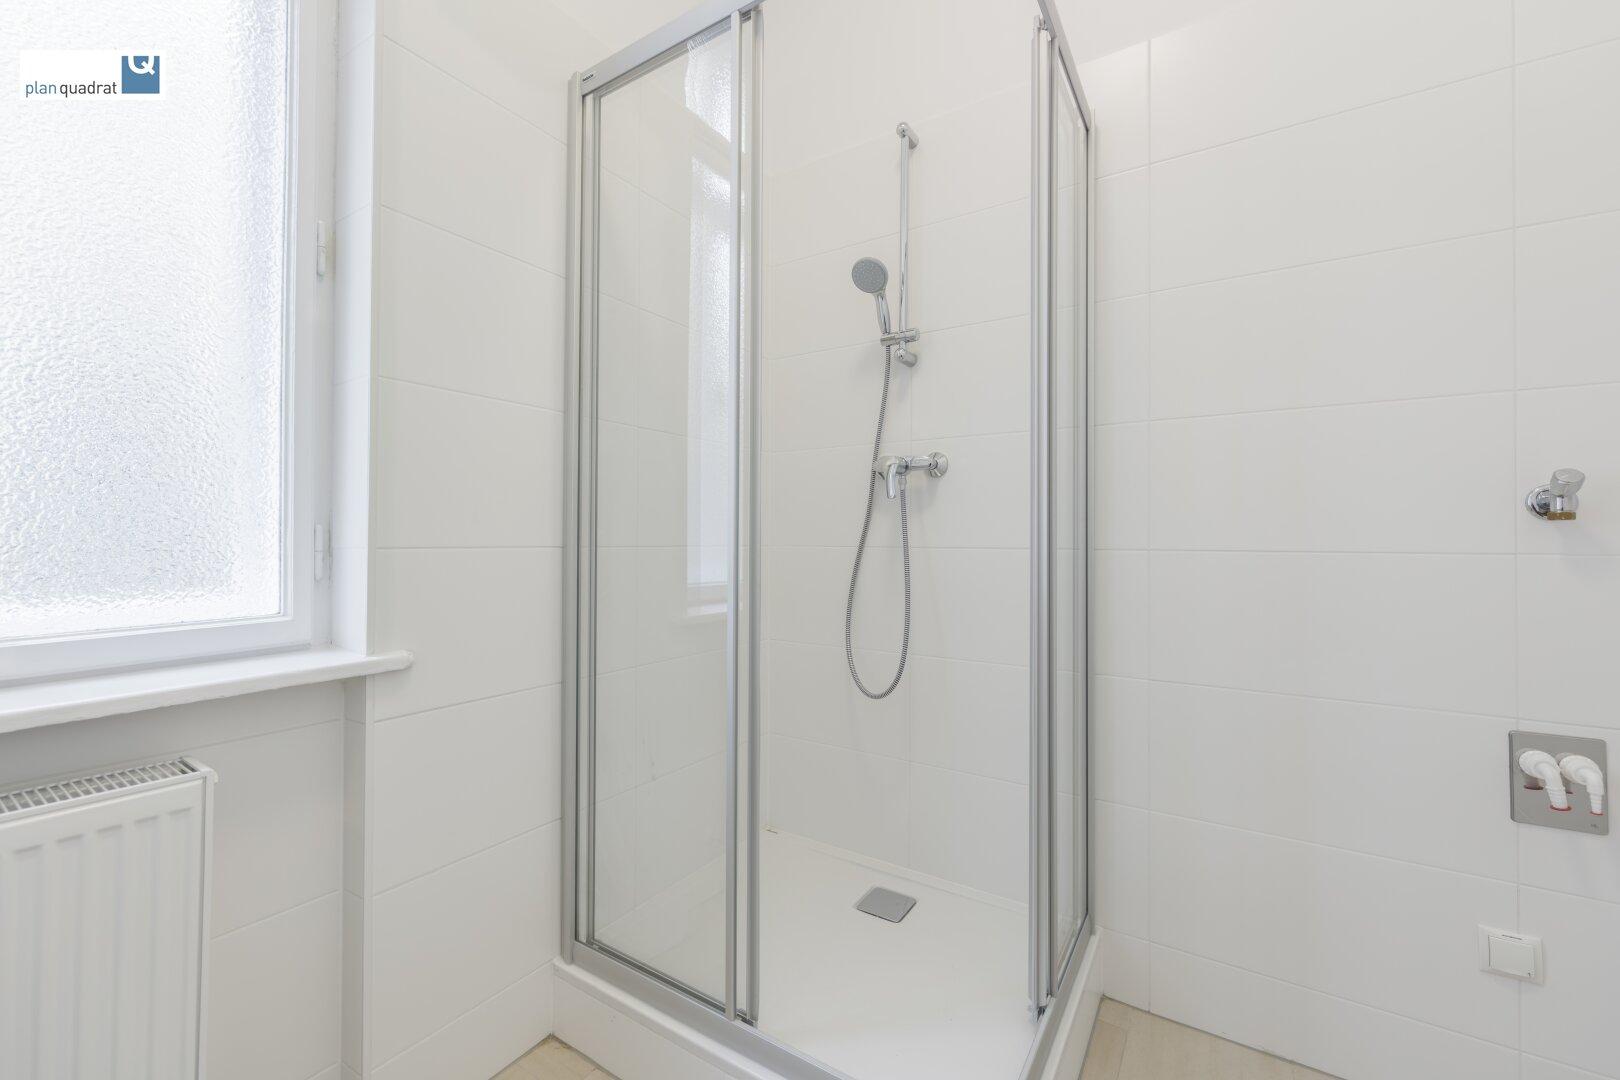 Badezimmer (ca. 4,90 qm - mit Waschbecken, Dusche und Toilette)